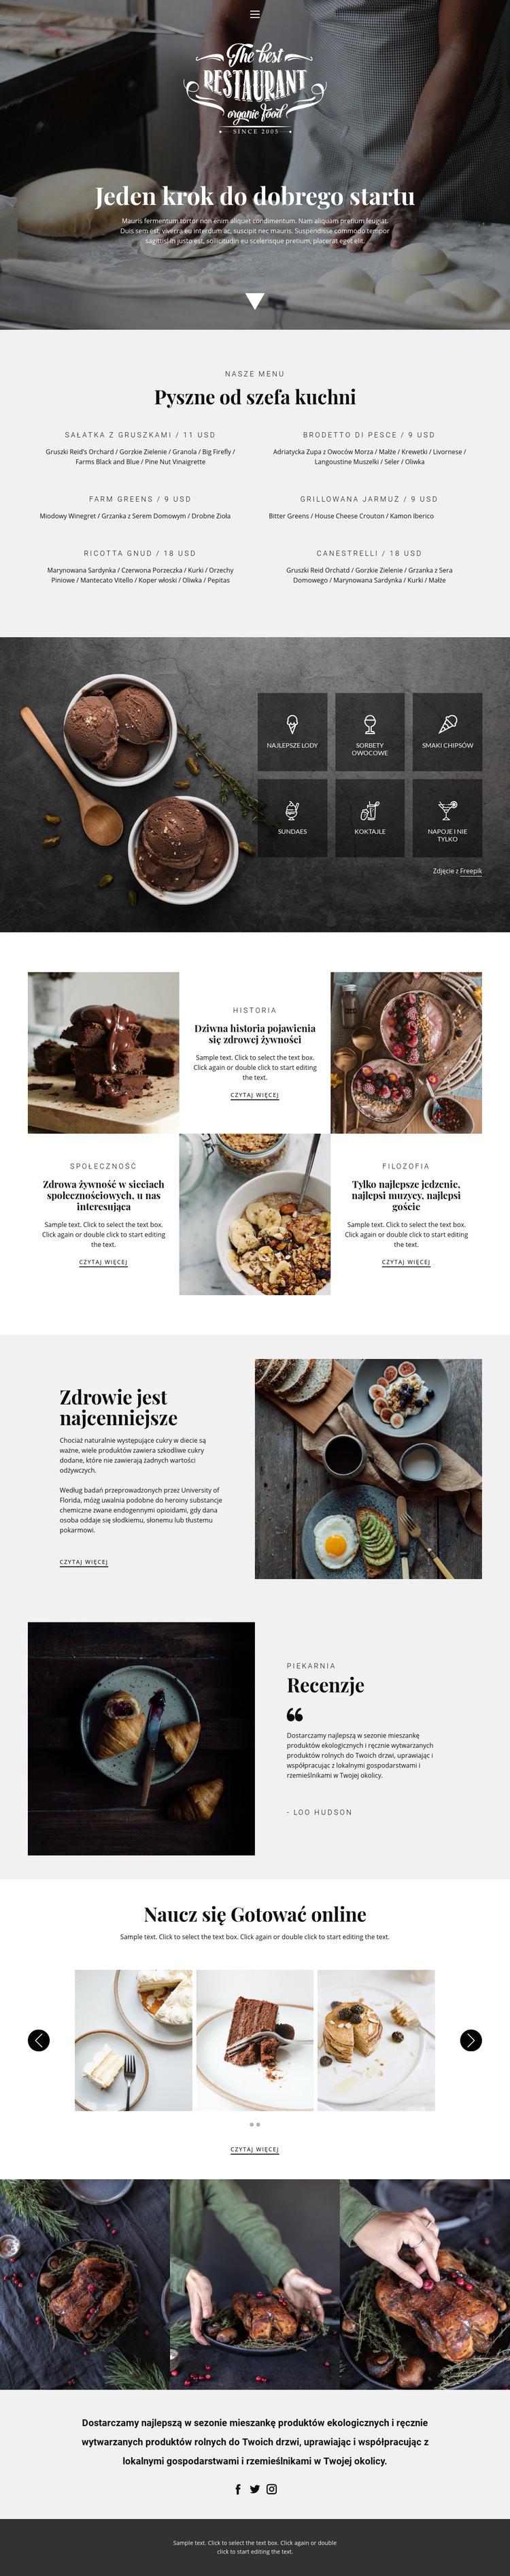 Przepisy i lekcje gotowania Szablon witryny sieci Web